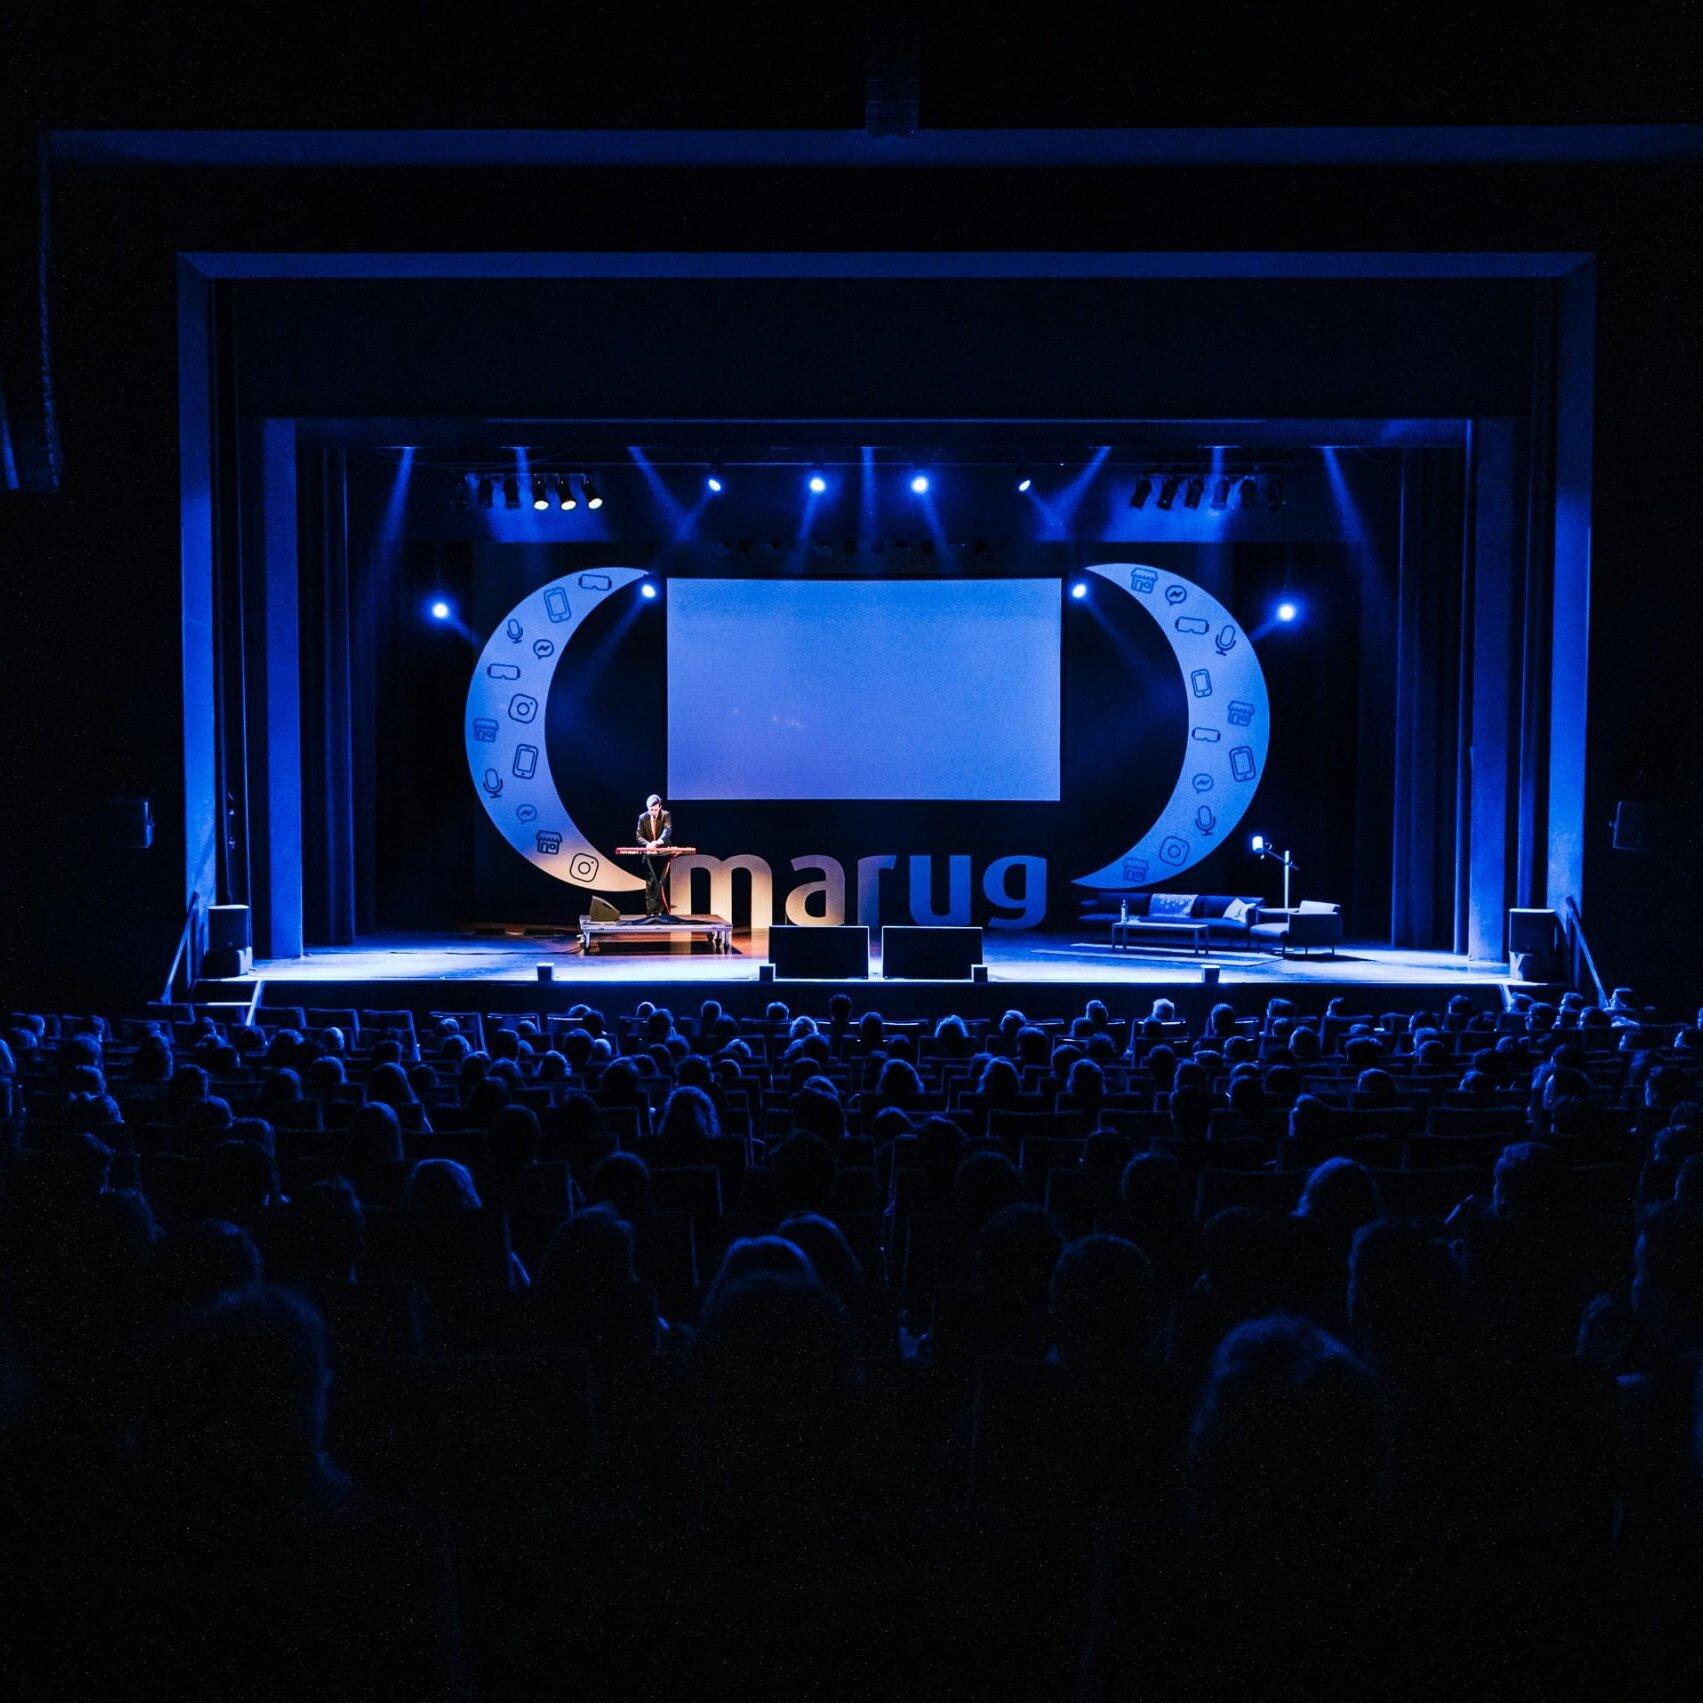 opening van de marug conference 2019 met publiek in de voorgrond en sprekers op het podium